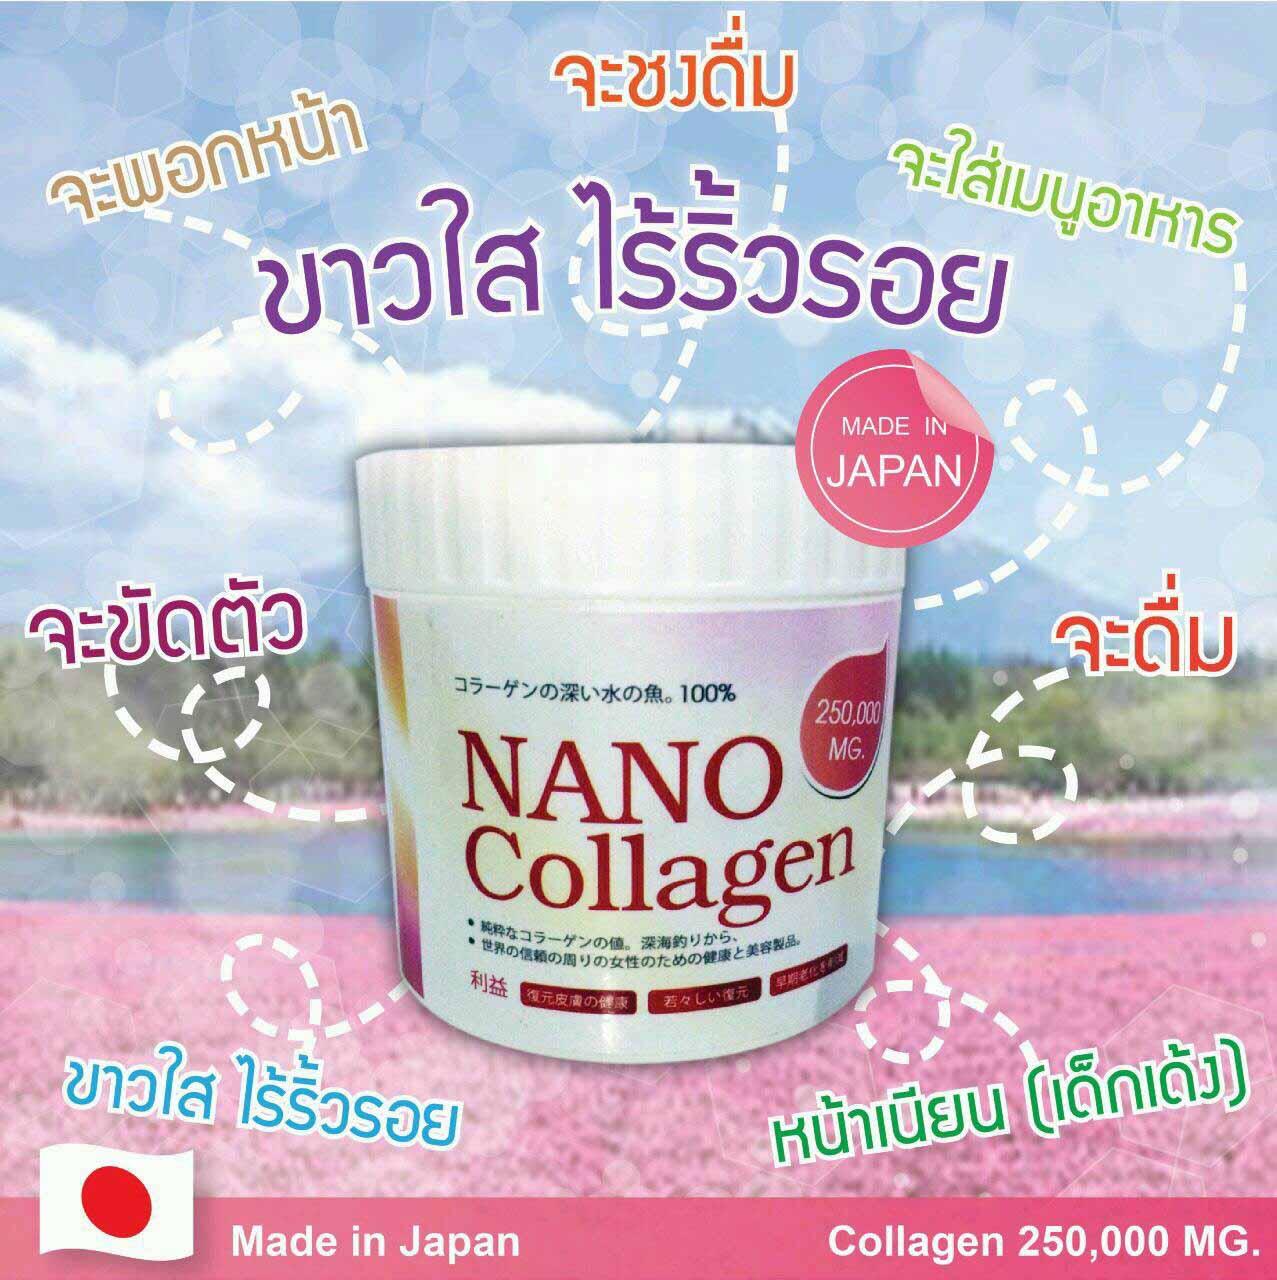 Nano Collagen คอลลาเจน เพียวบริสุทธิ์เกรดพรีเมี่ยม สไตล์ญี่ปุ่น 25,000MG.